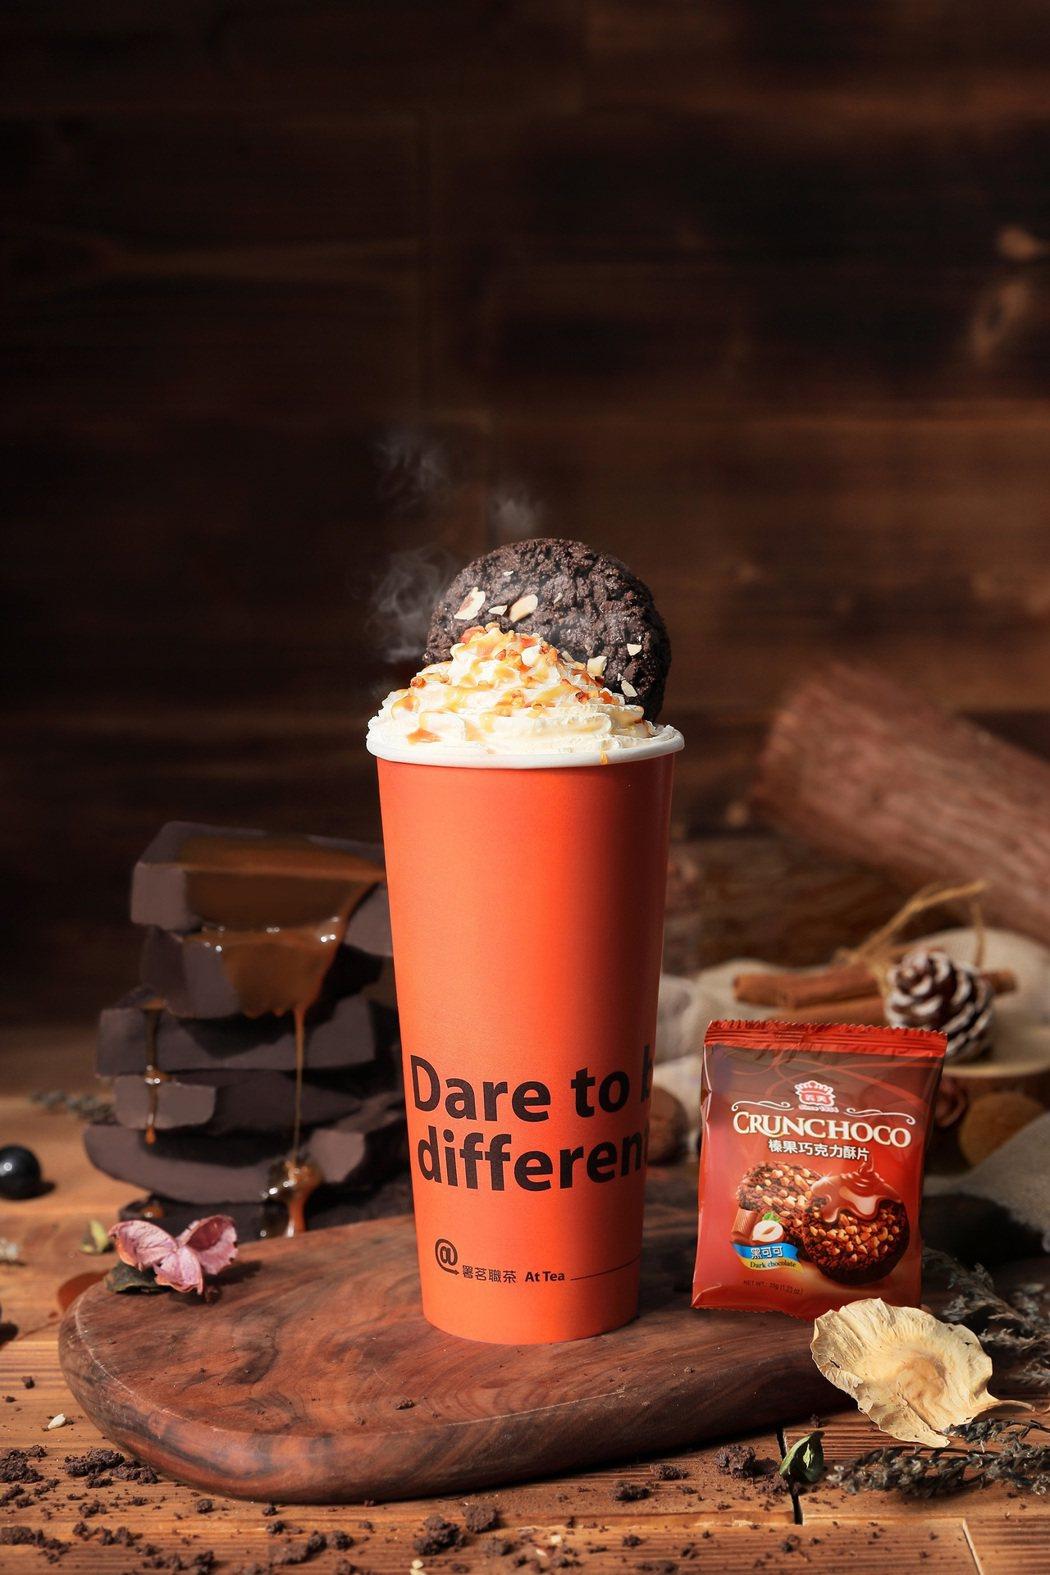 署茗職茶@AtTea攜手義美聯名推出巧克力飲品「法式雲朵可可脆」。